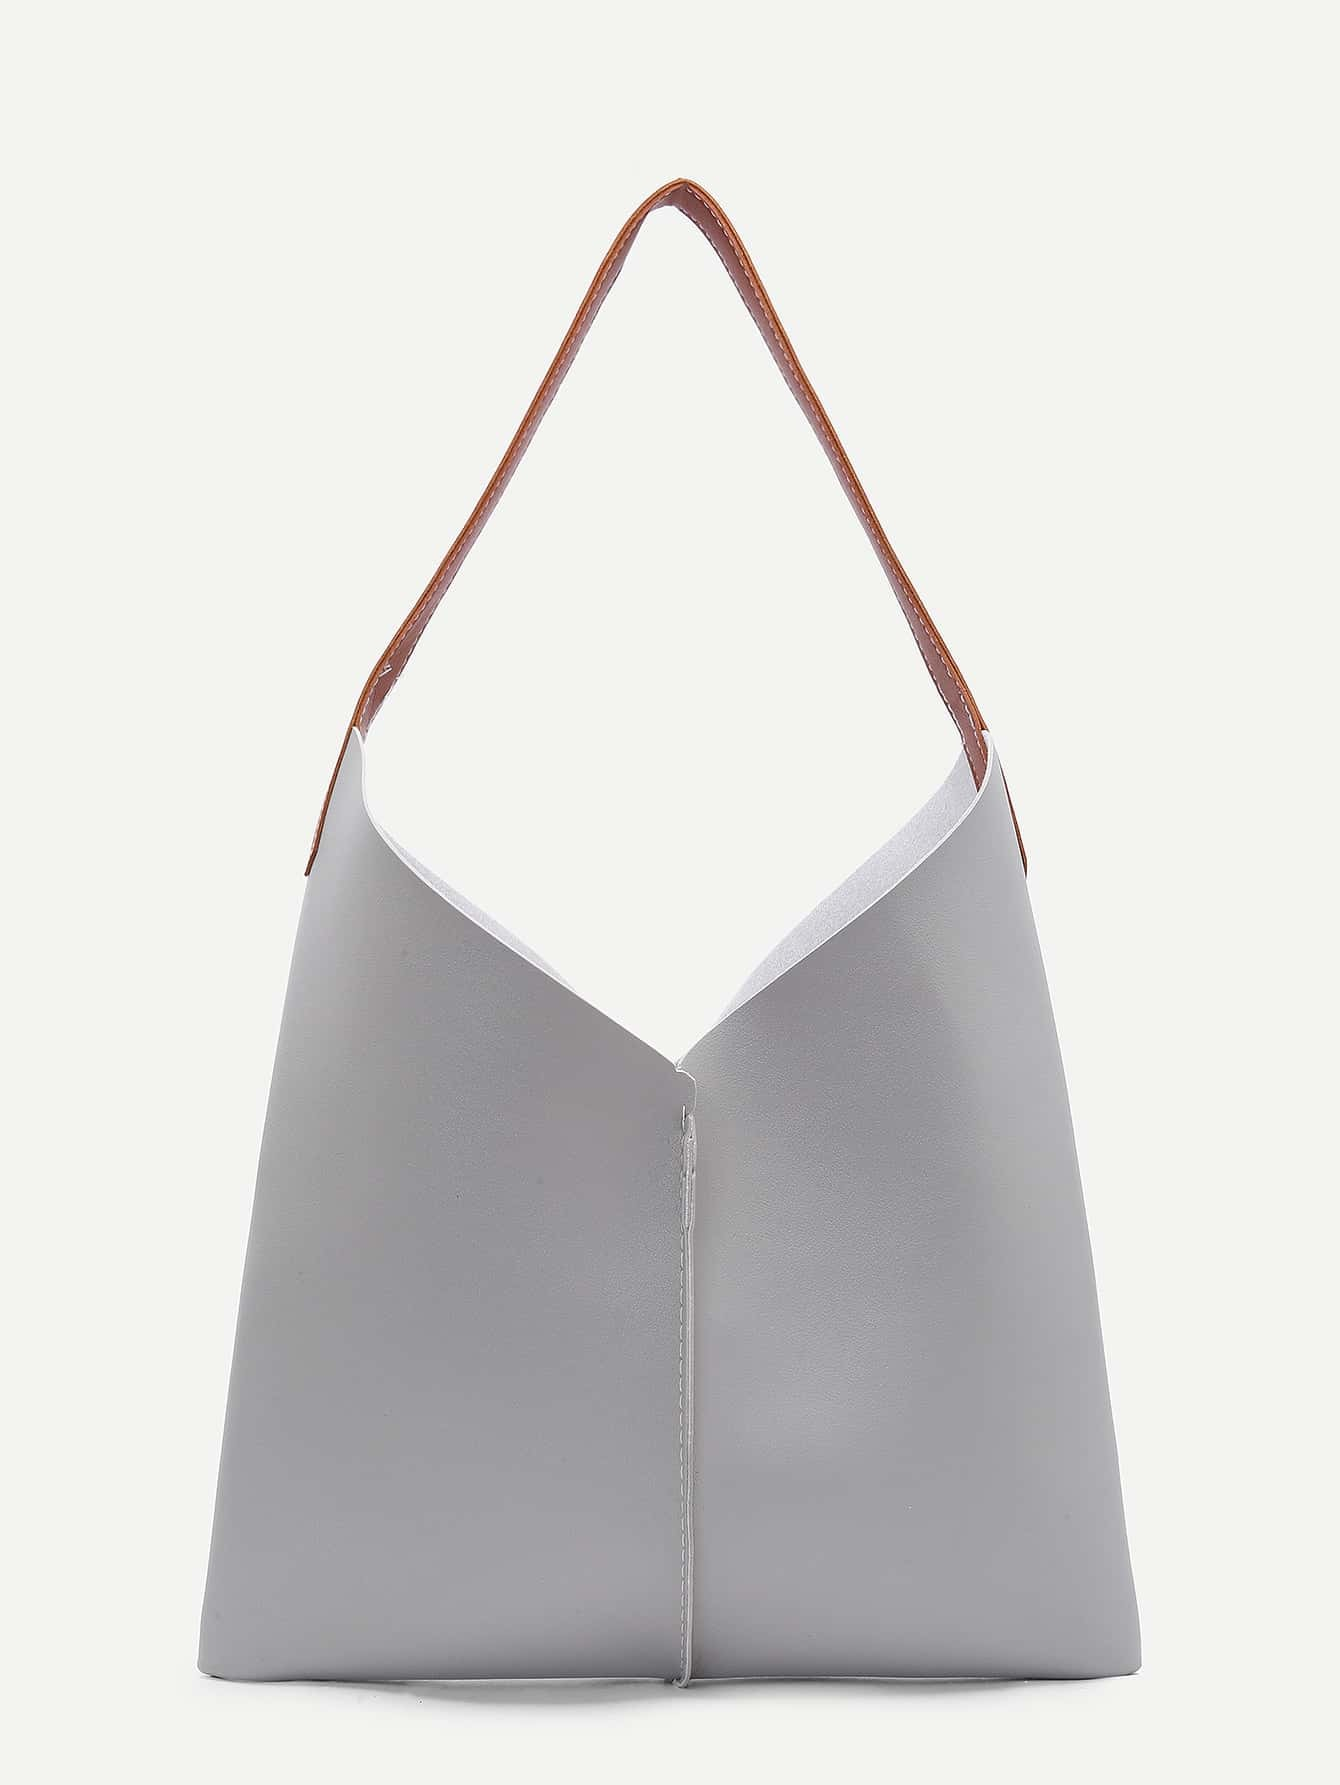 Seam Detail PU Bag Set 3pcs